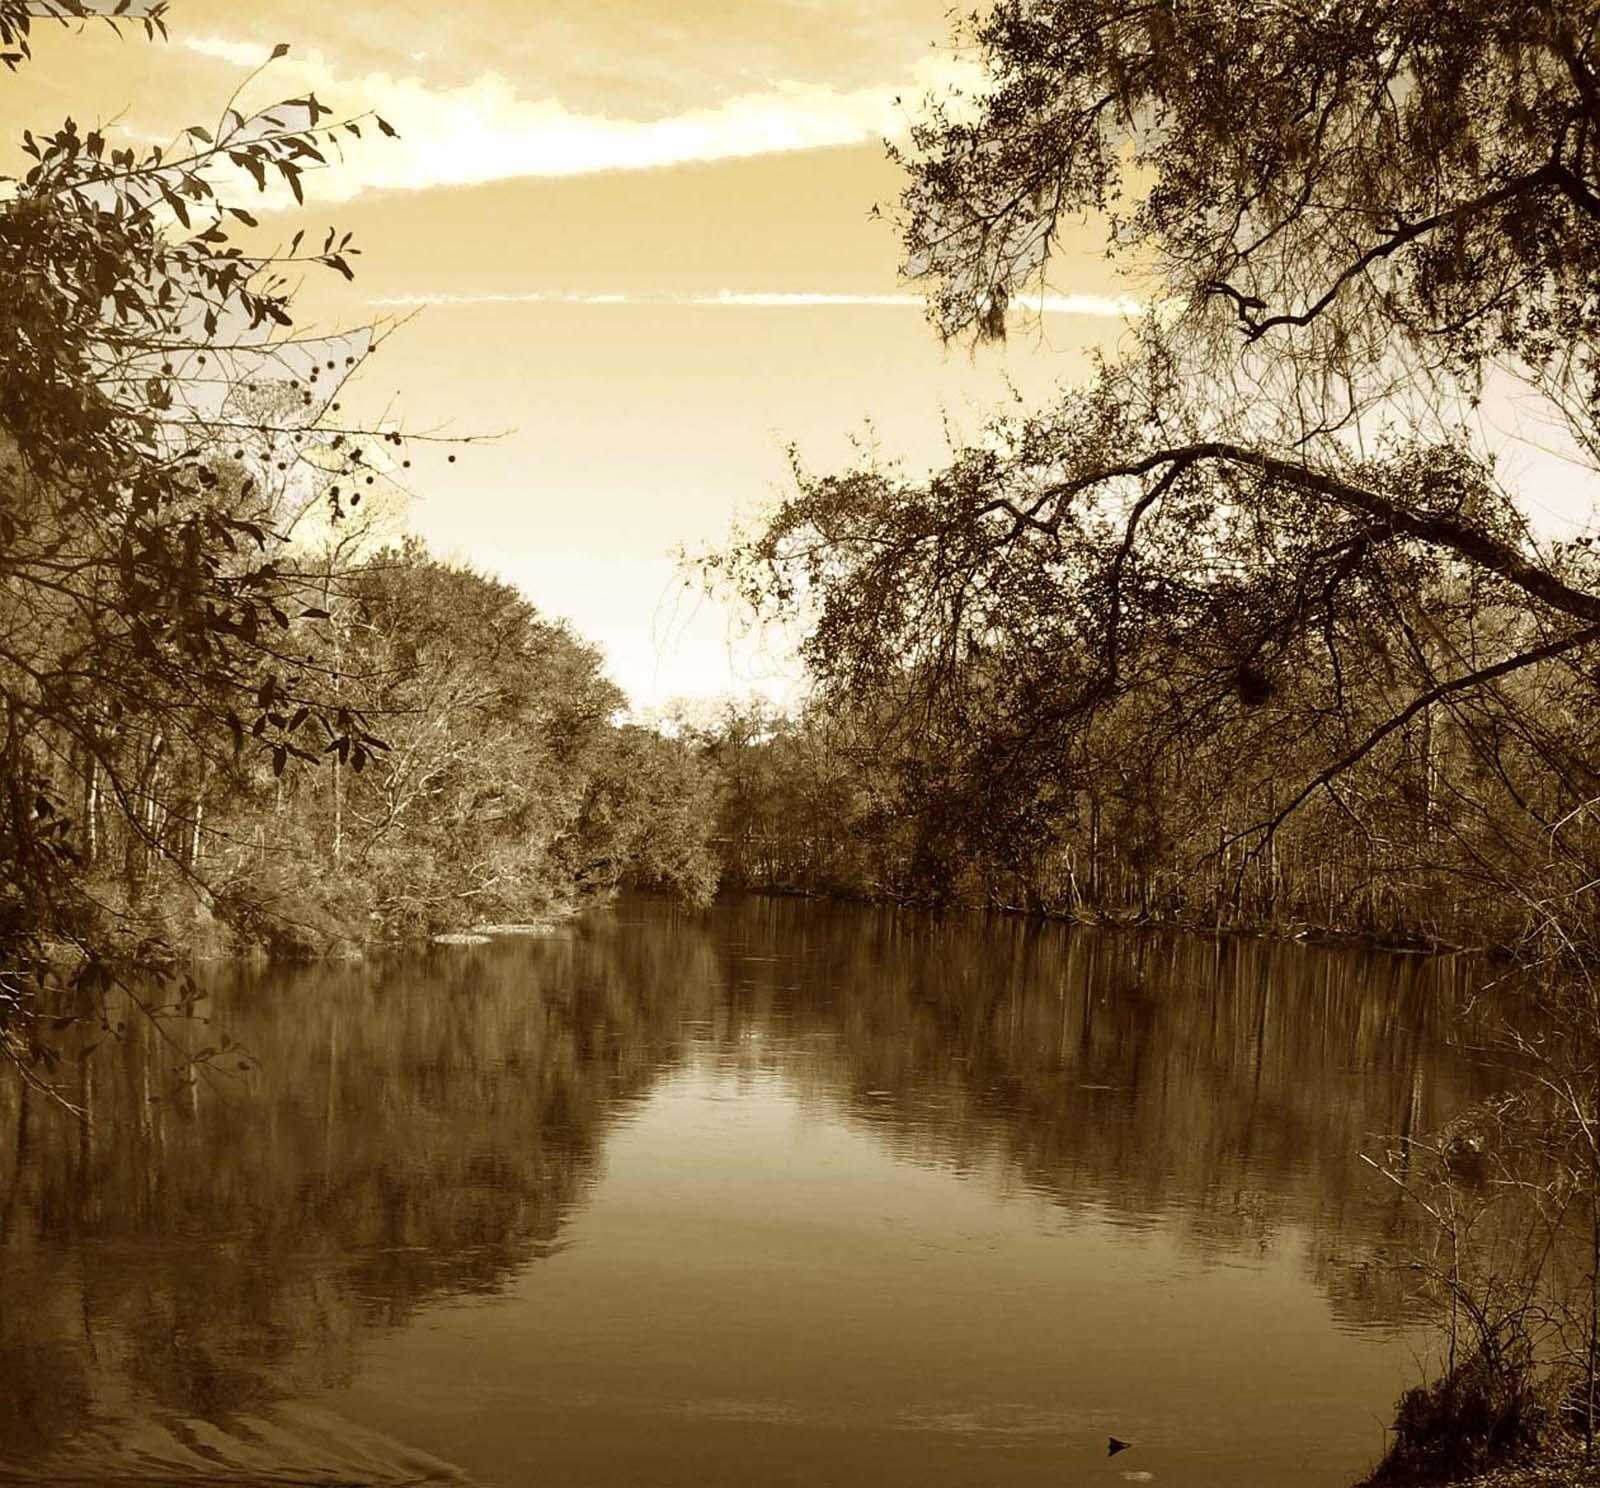 River Runs Down, Boating, Bspo06, Nature, River, HQ Photo